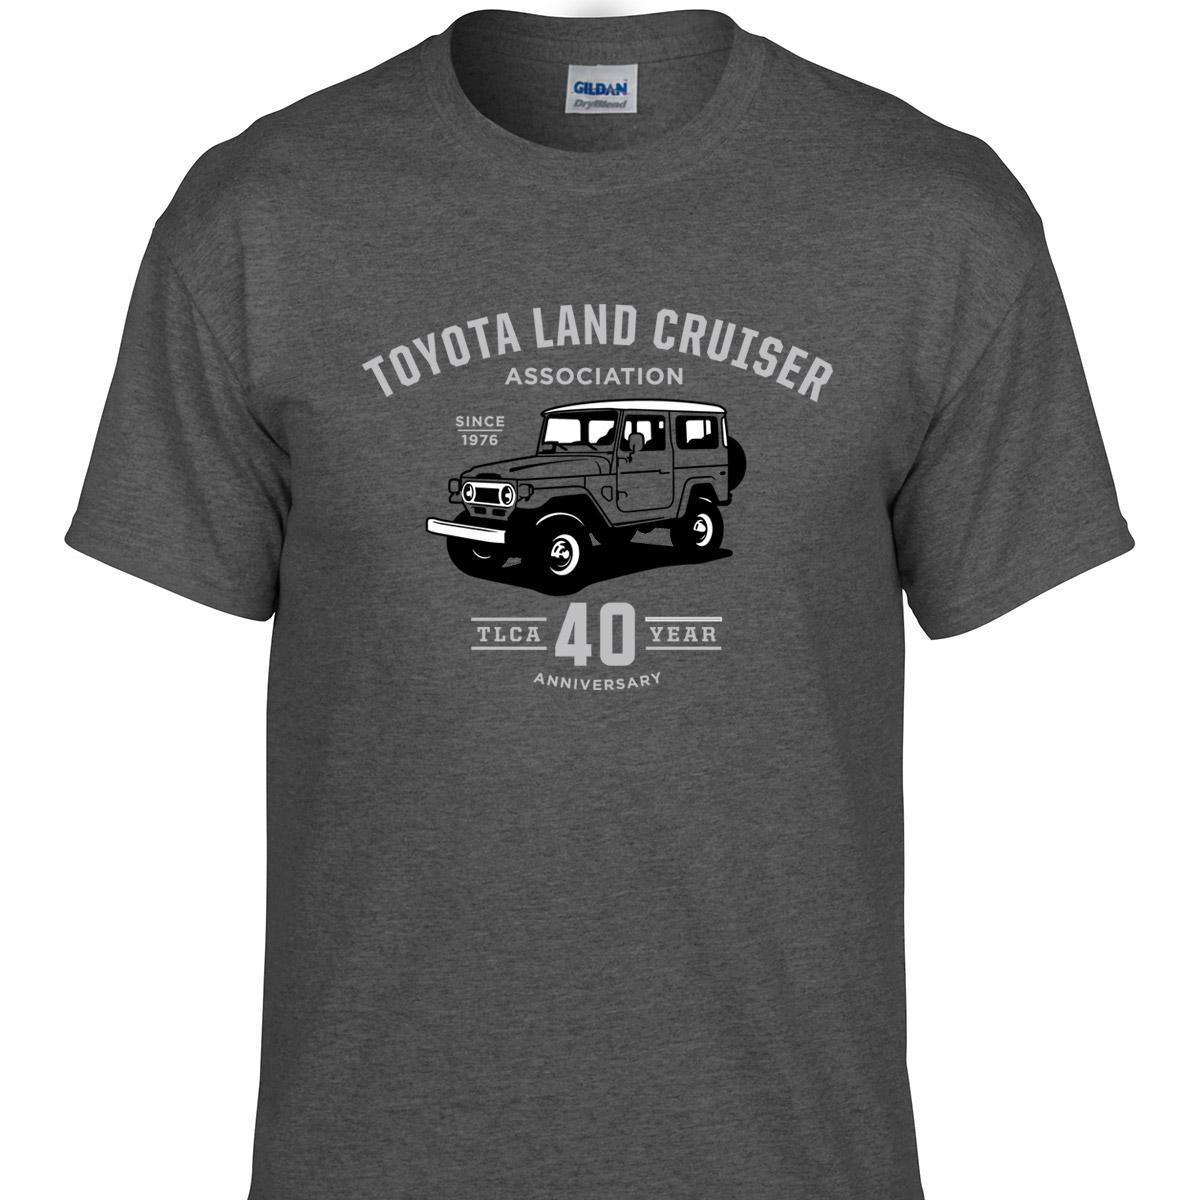 40th Anniversary Shirt